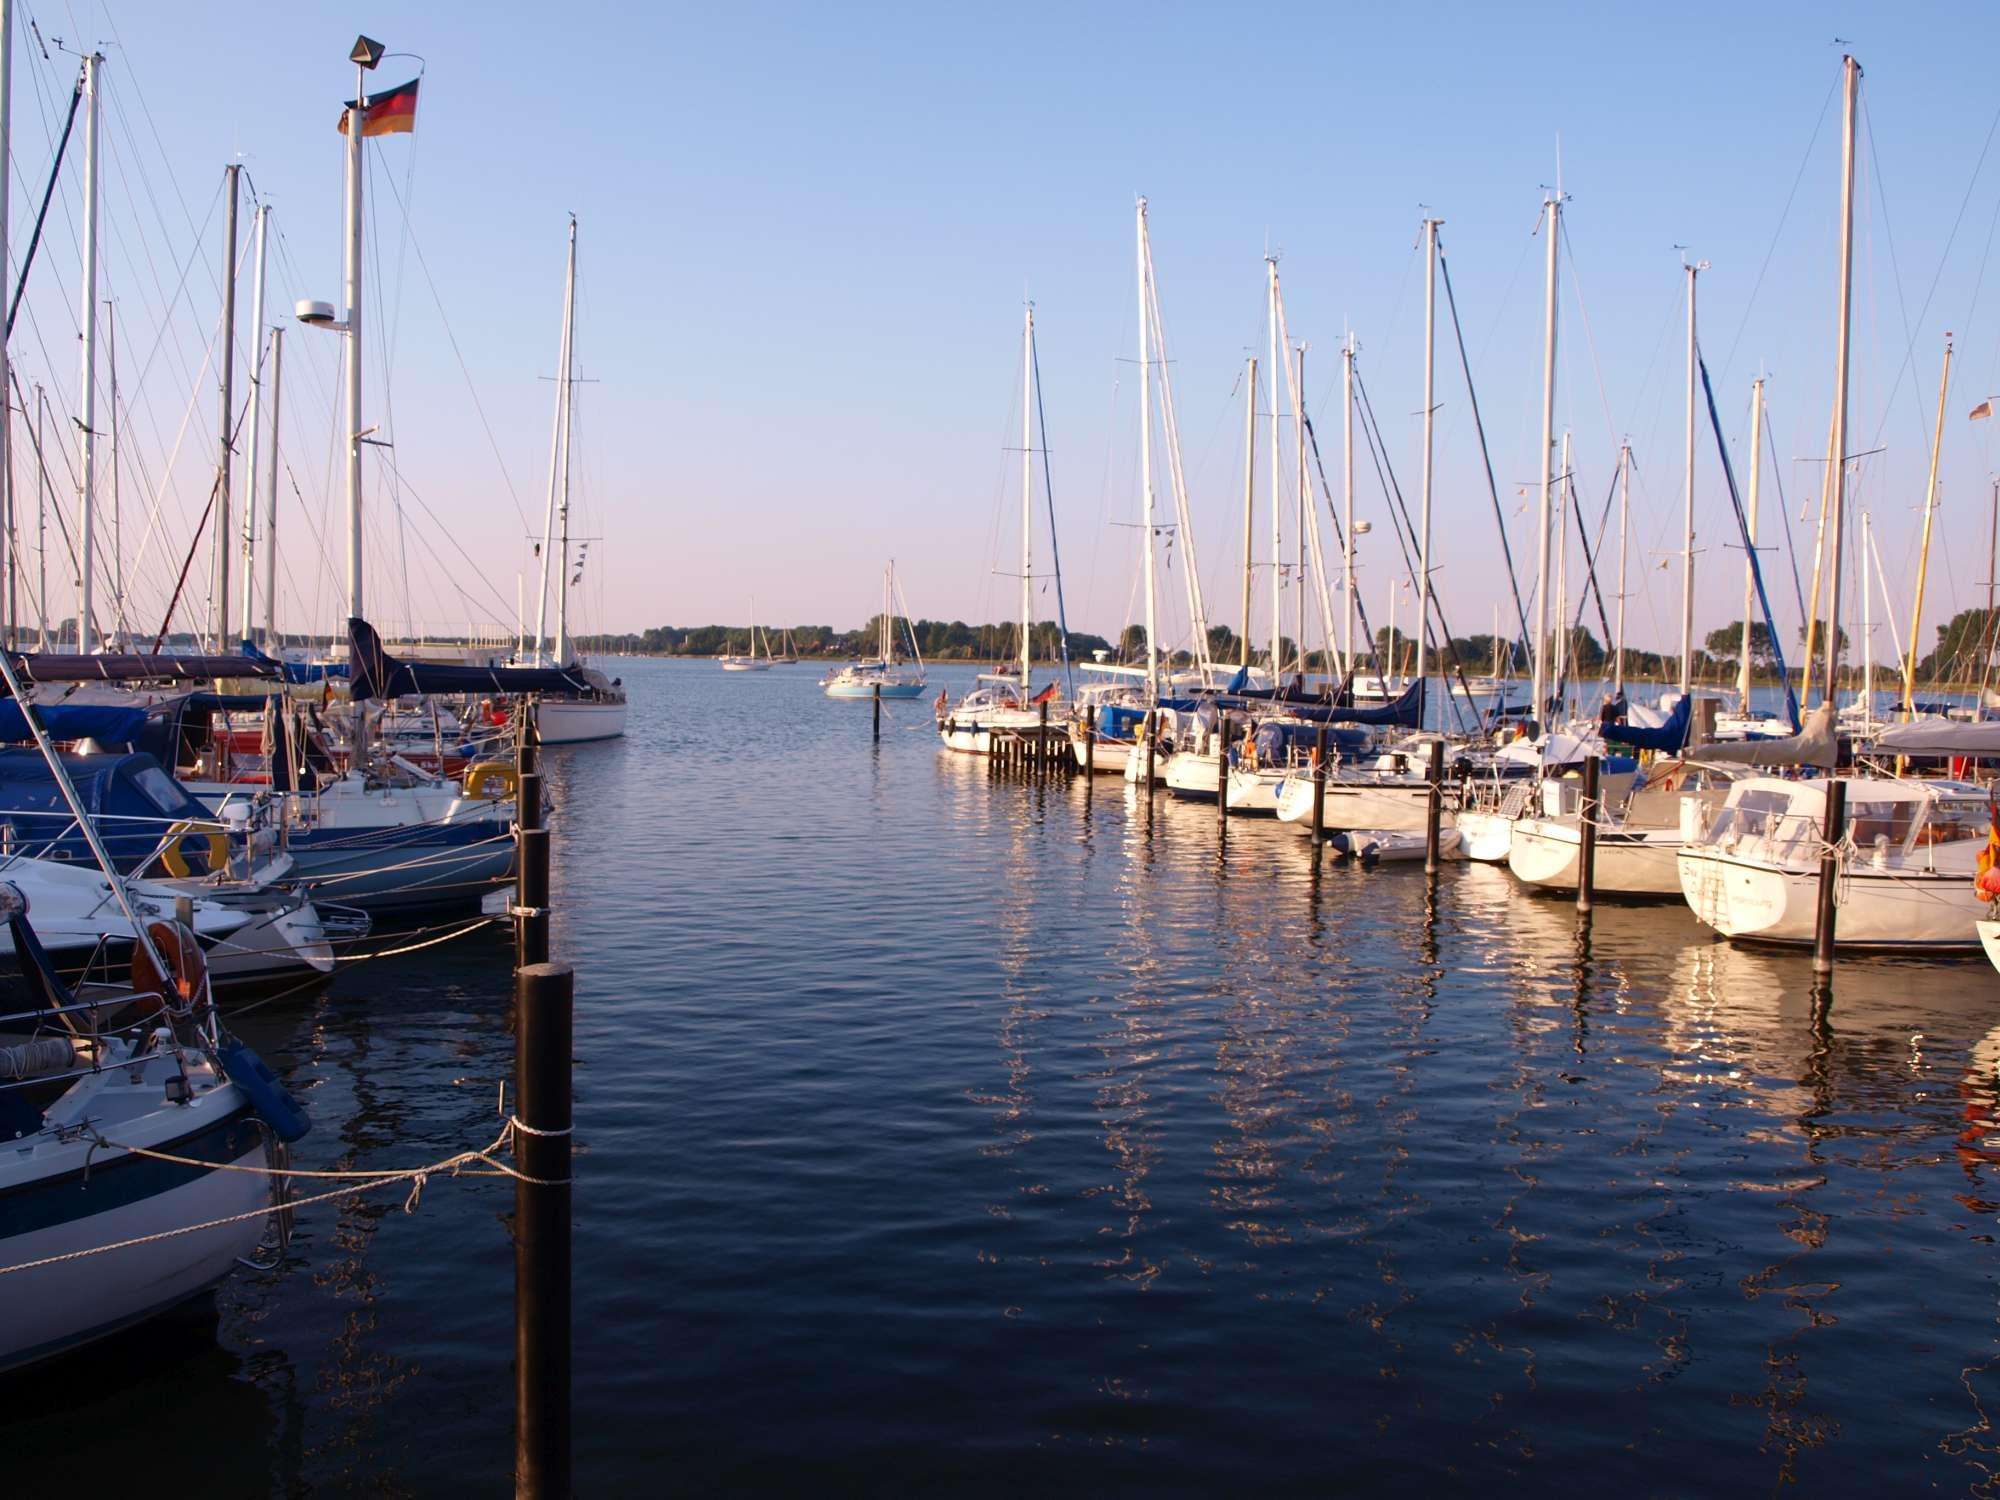 Urlaub an Ostsee und Schlei - Yachthafen Maasholm